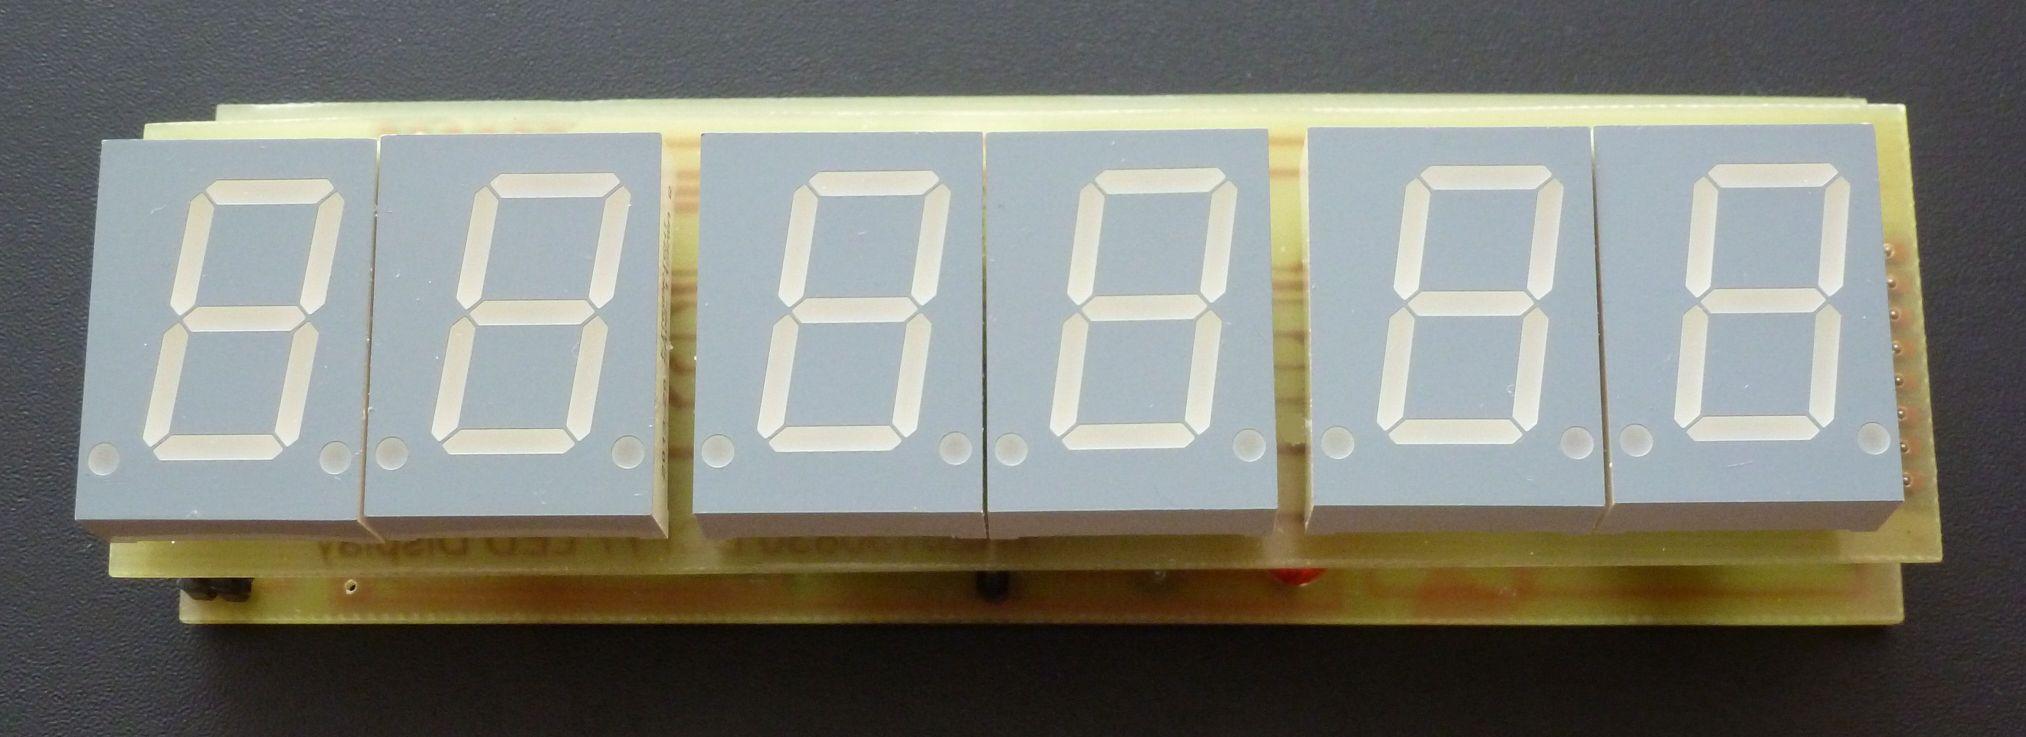 Schön Uhr 1500 Schaltplan Bilder - Schaltplan Serie Circuit ...